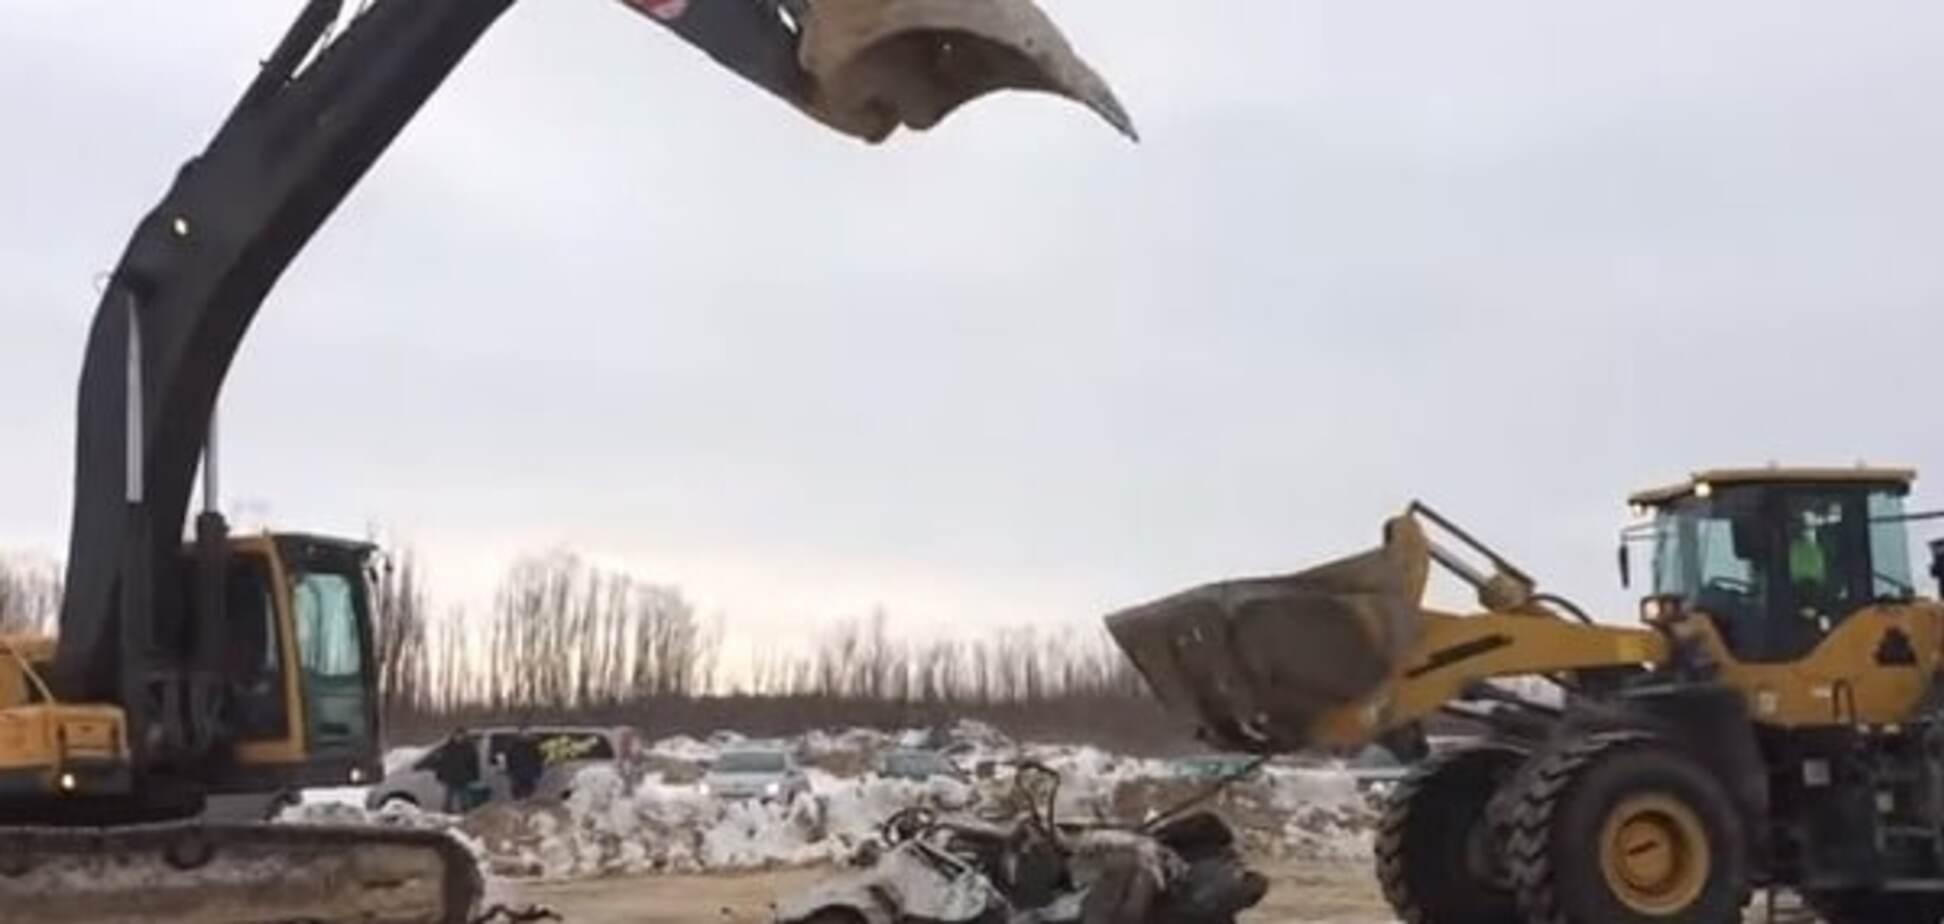 Суворі будні Росії: екскаватори знищили авто на футбольному поєдинку